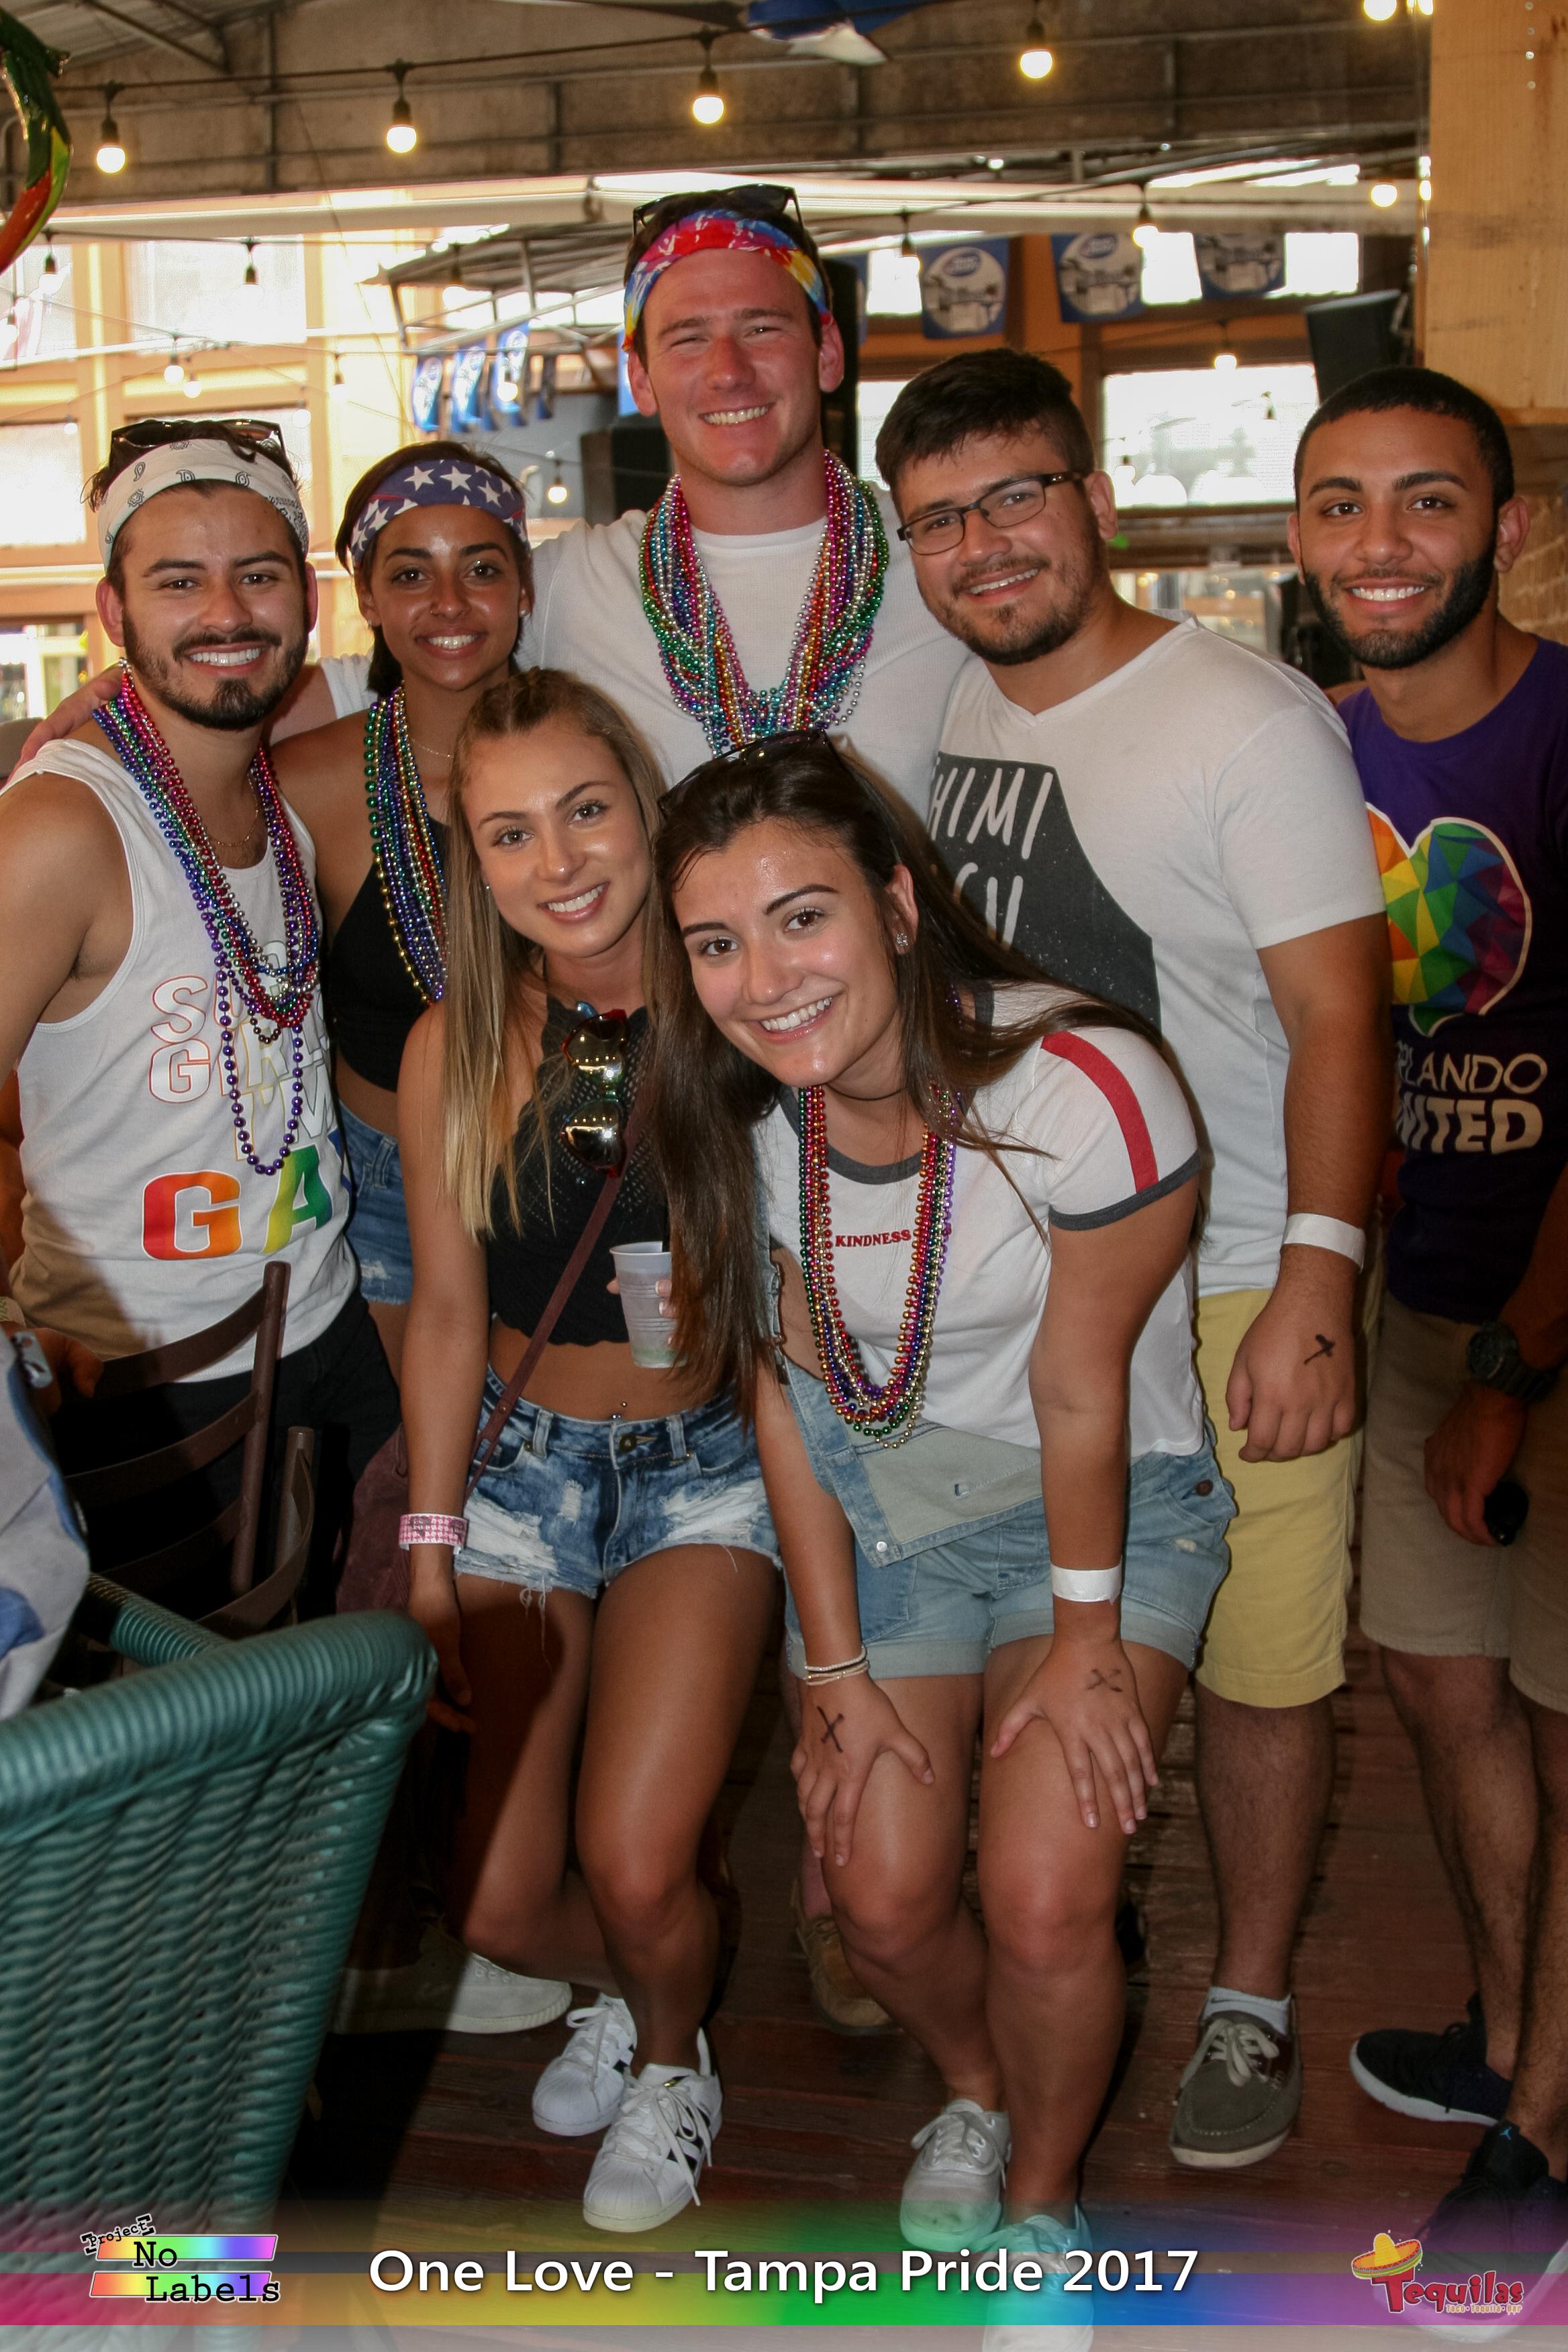 Tampa-Pride2017-Razz-0779